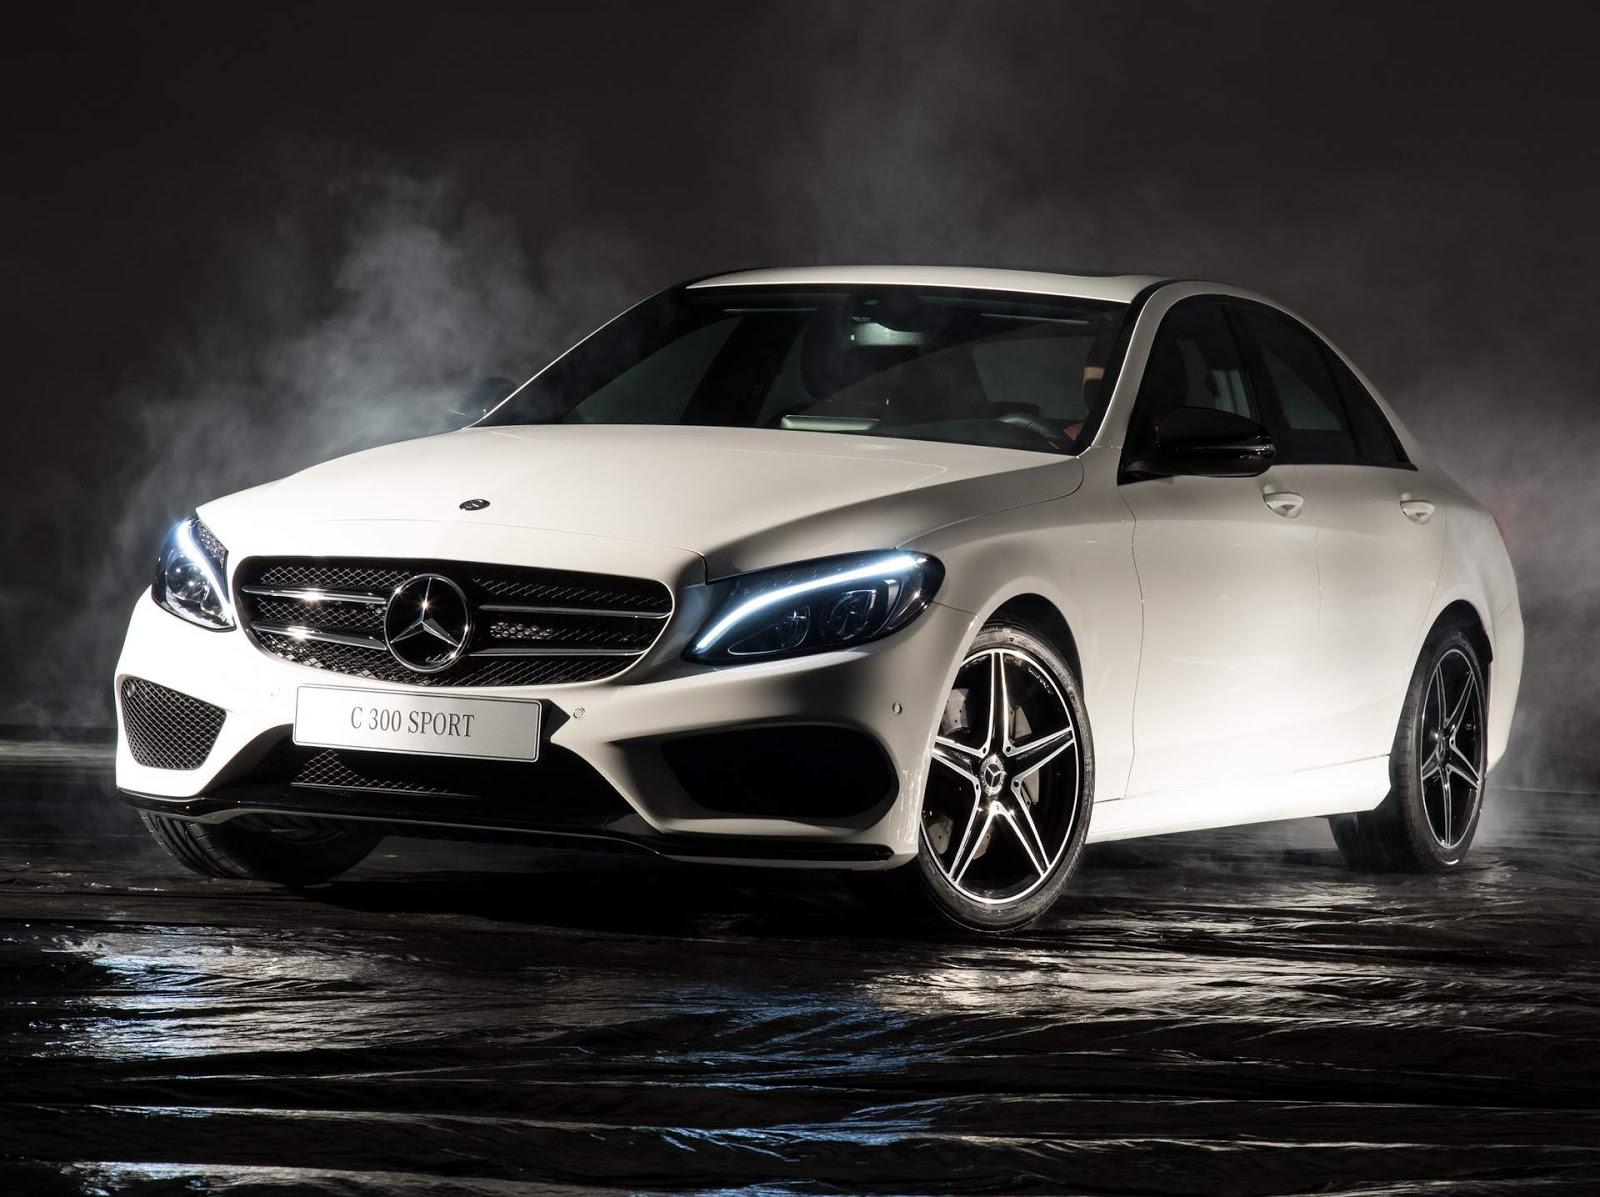 Mercedes benz c300 sport 2017 fotos pre os detalhes for Mercedes benz c300 sport